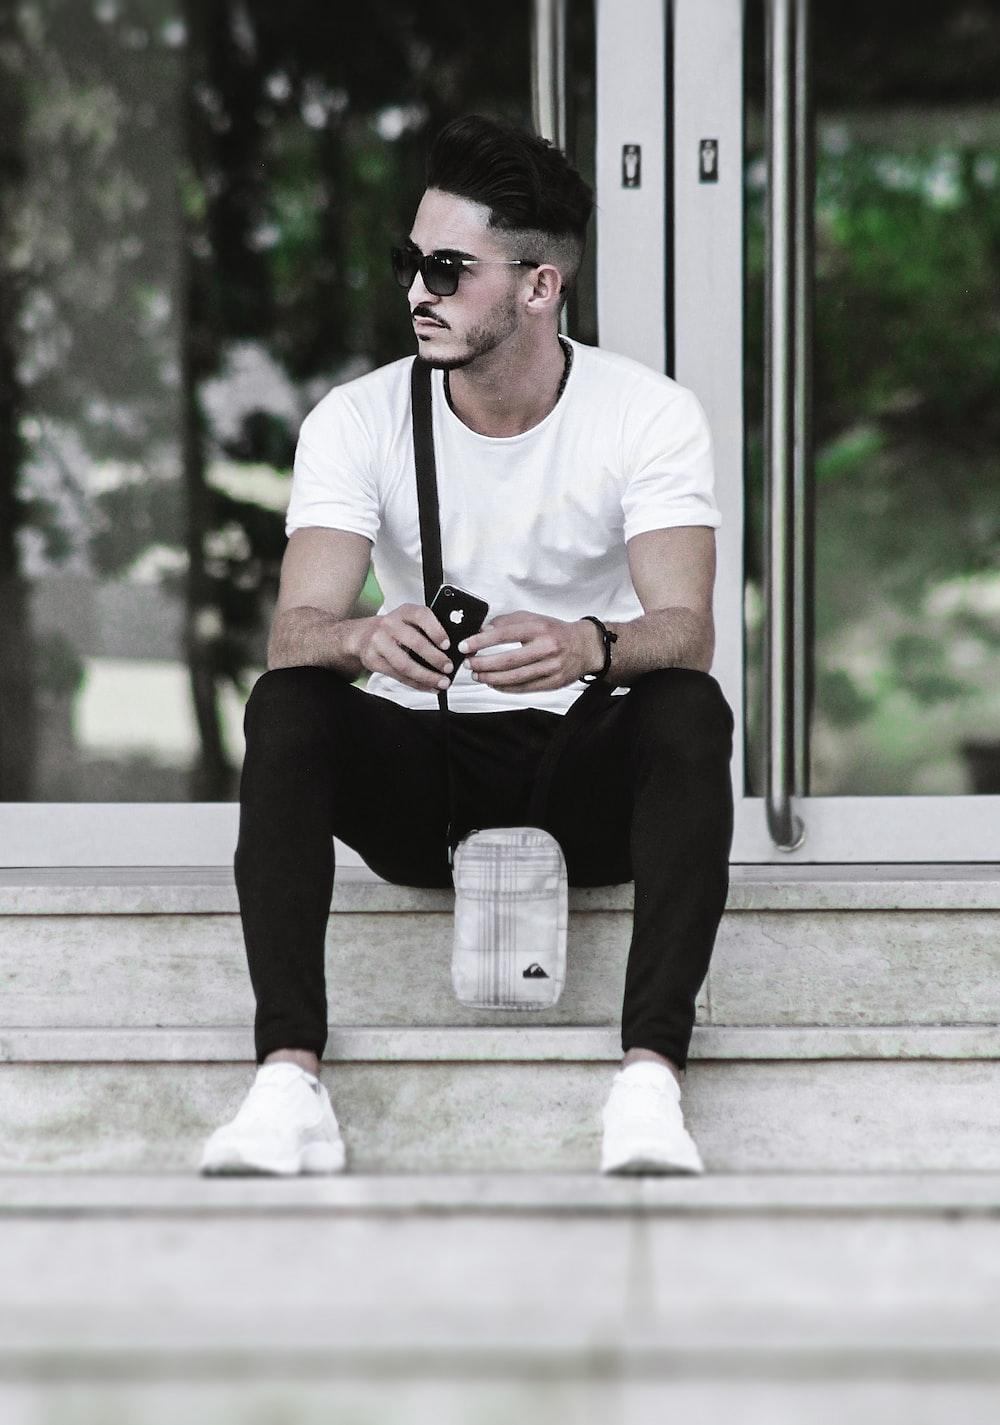 man wearing white shirt sitting on grey concrete stair case